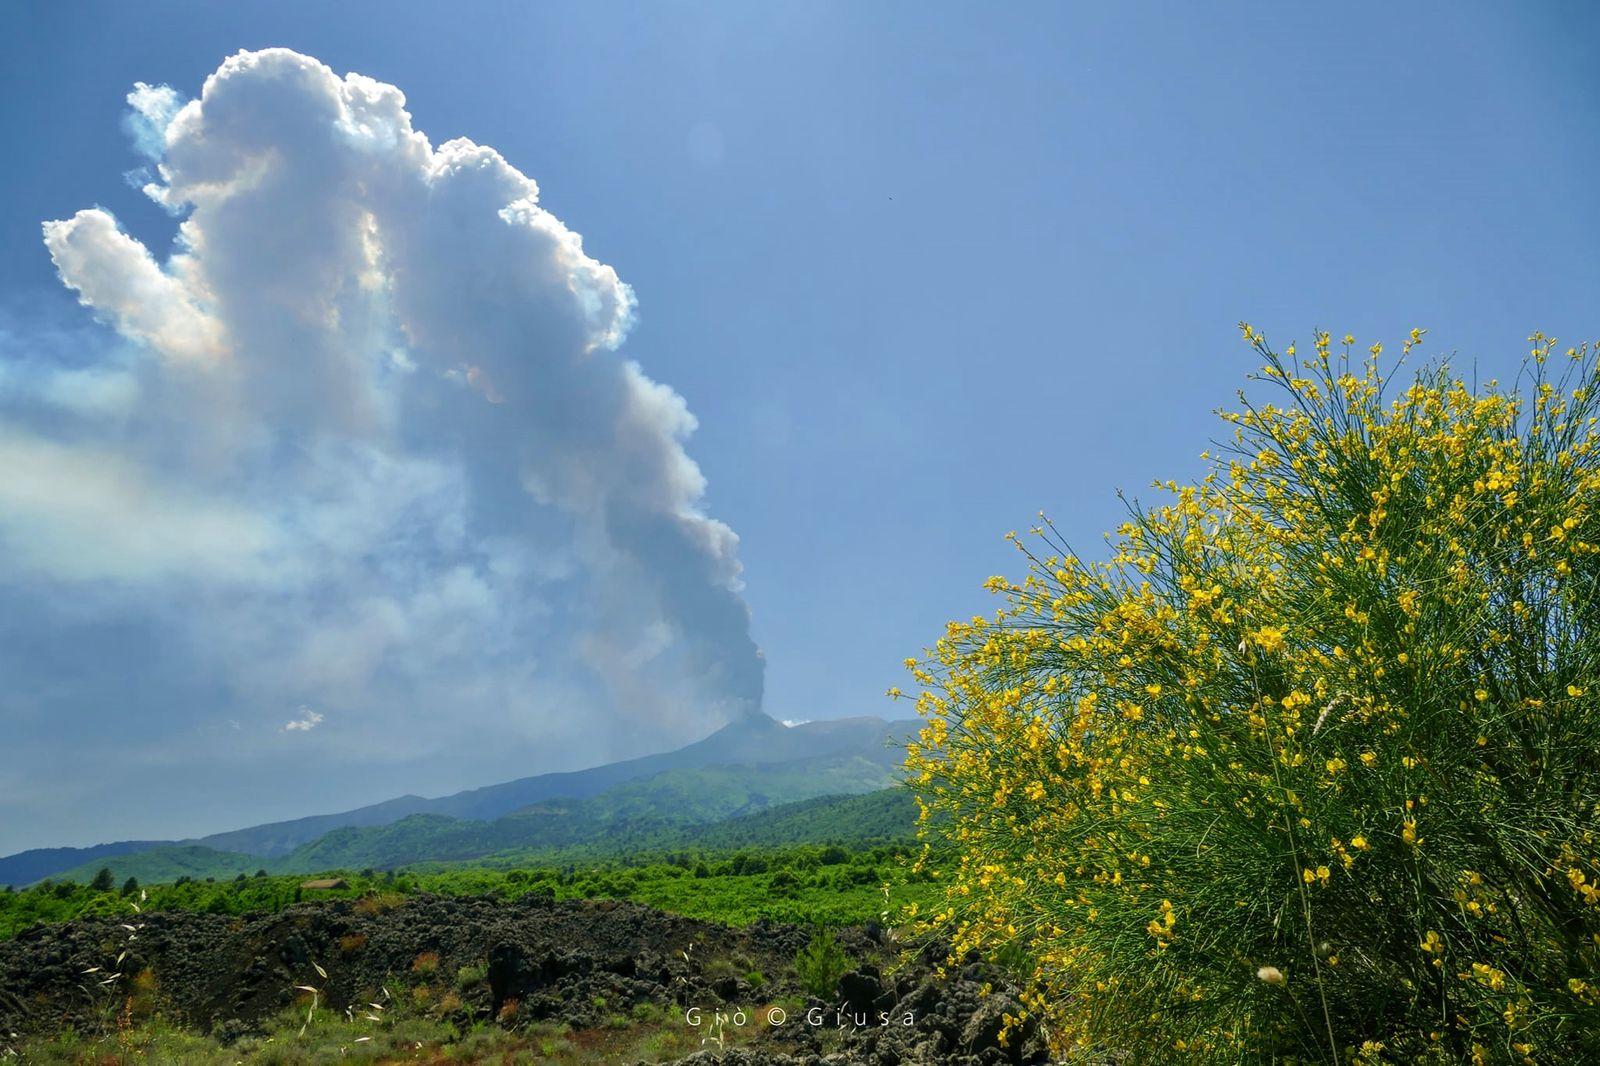 Etna, Stromboli, and Semisopochnoi activity.